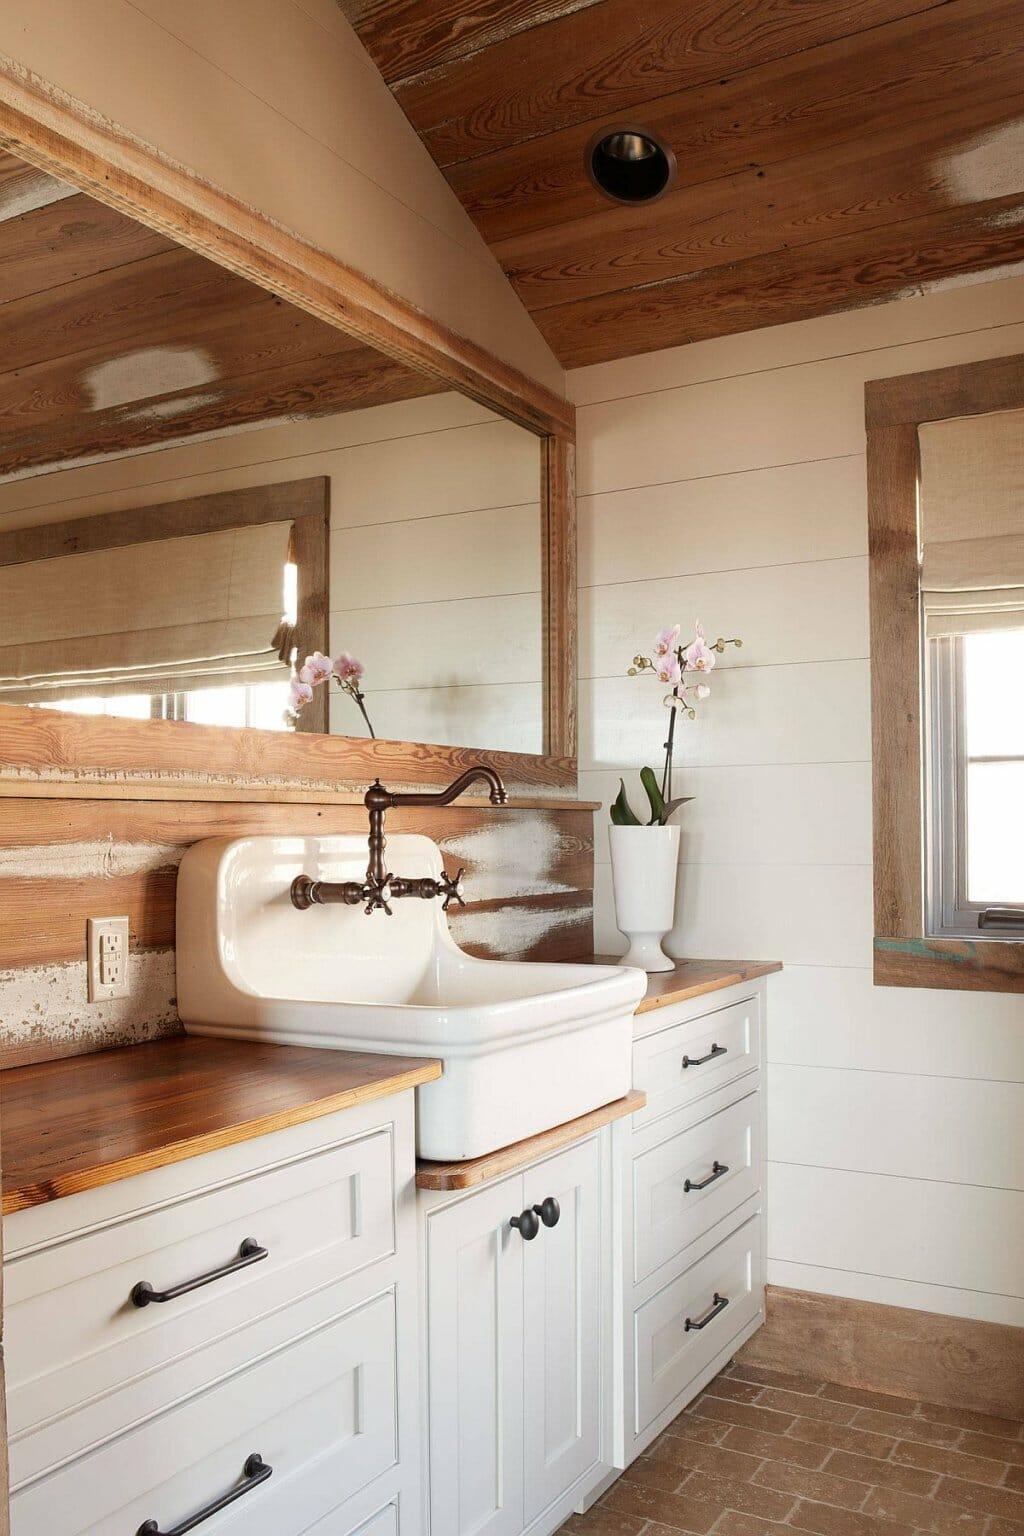 hình ảnh phòng tắm mộc mạc với màu trắng và chất liệu gỗ tự nhiên